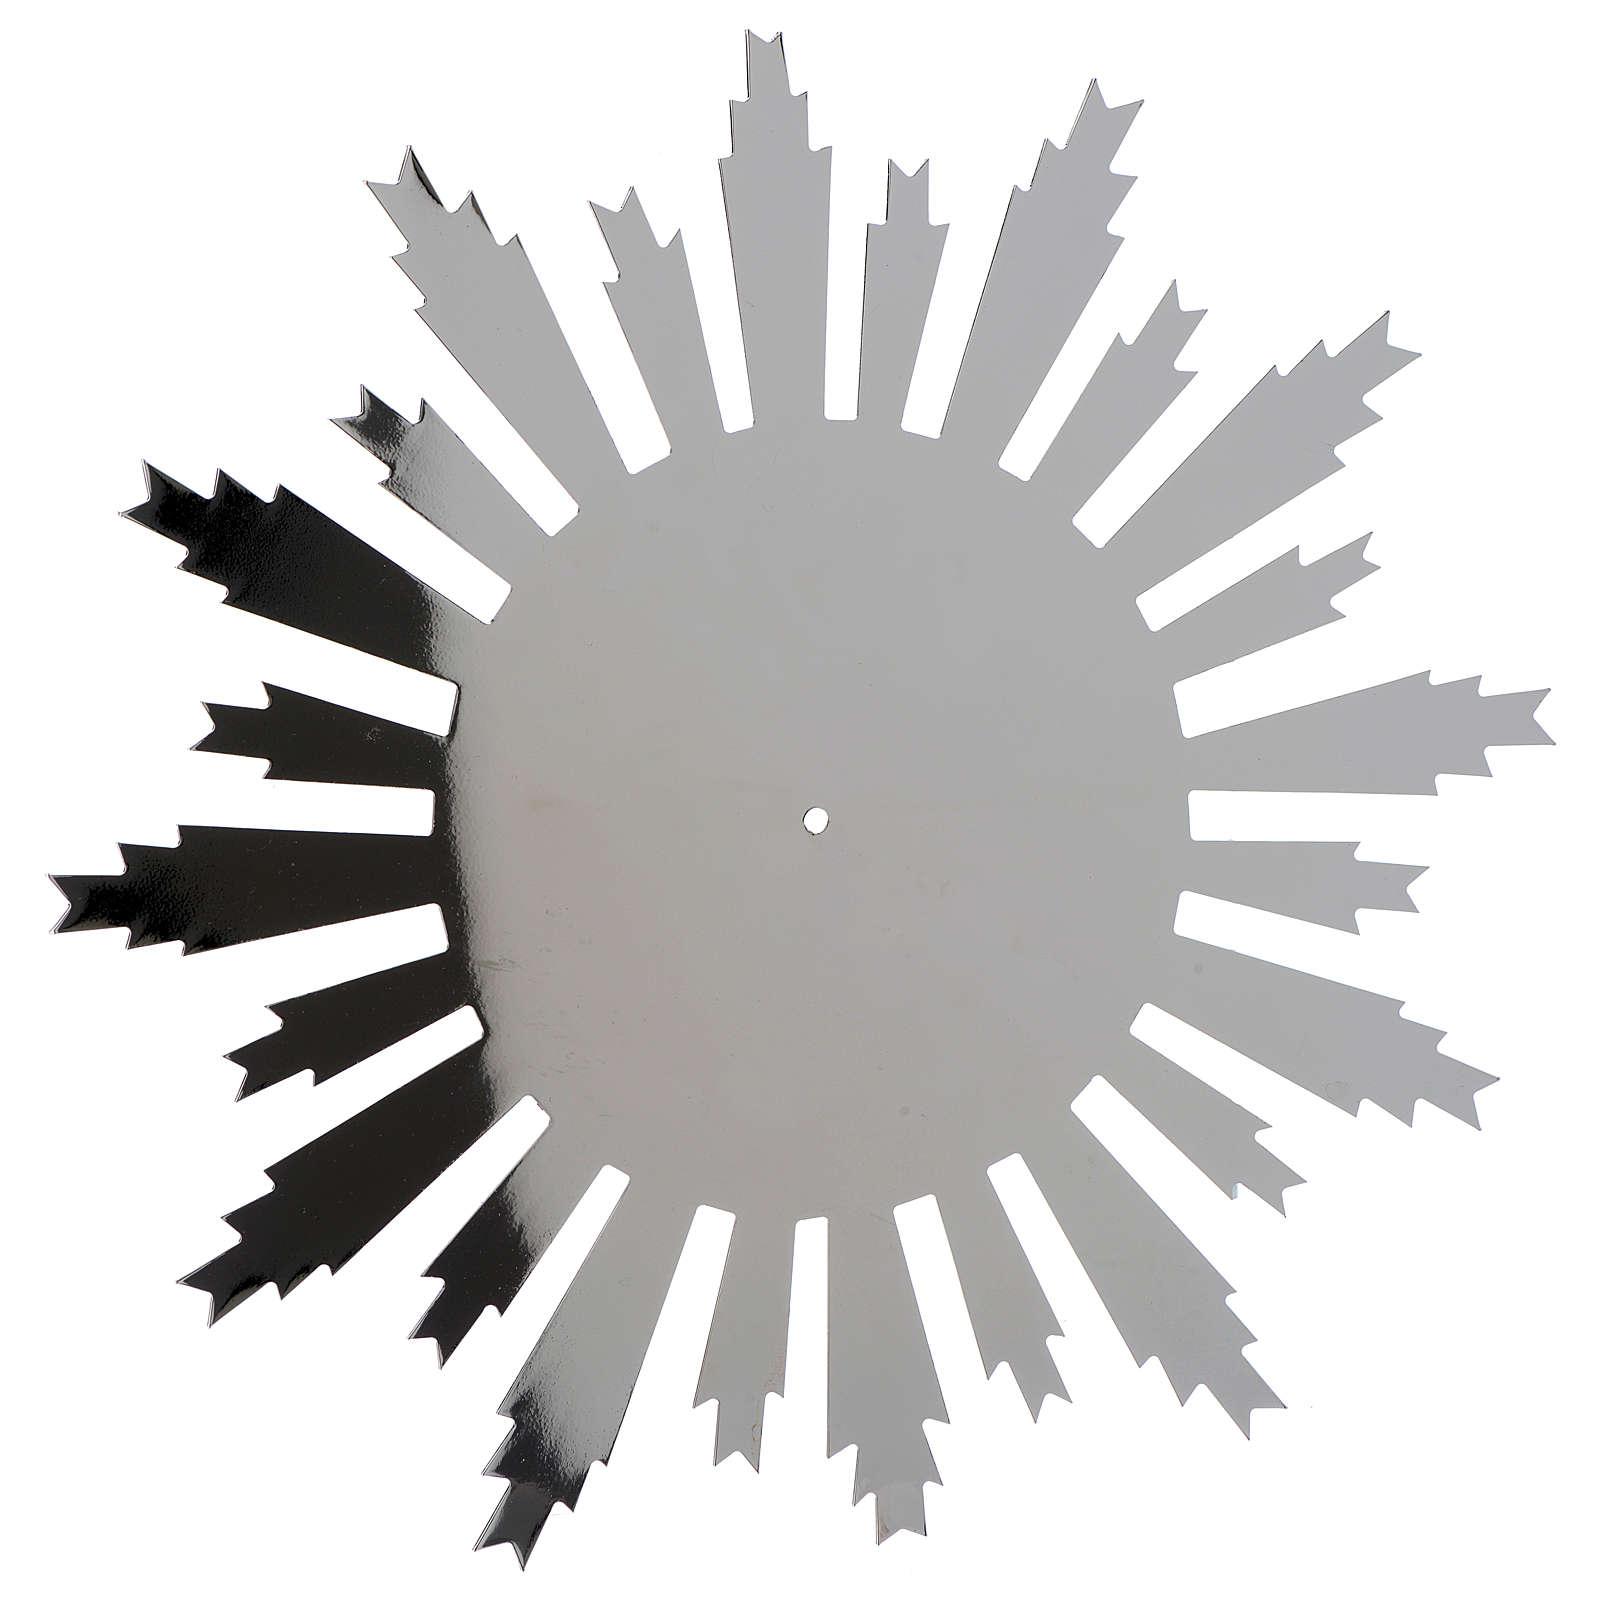 Raggiera ottone argentato raggi incisi 25 cm 3